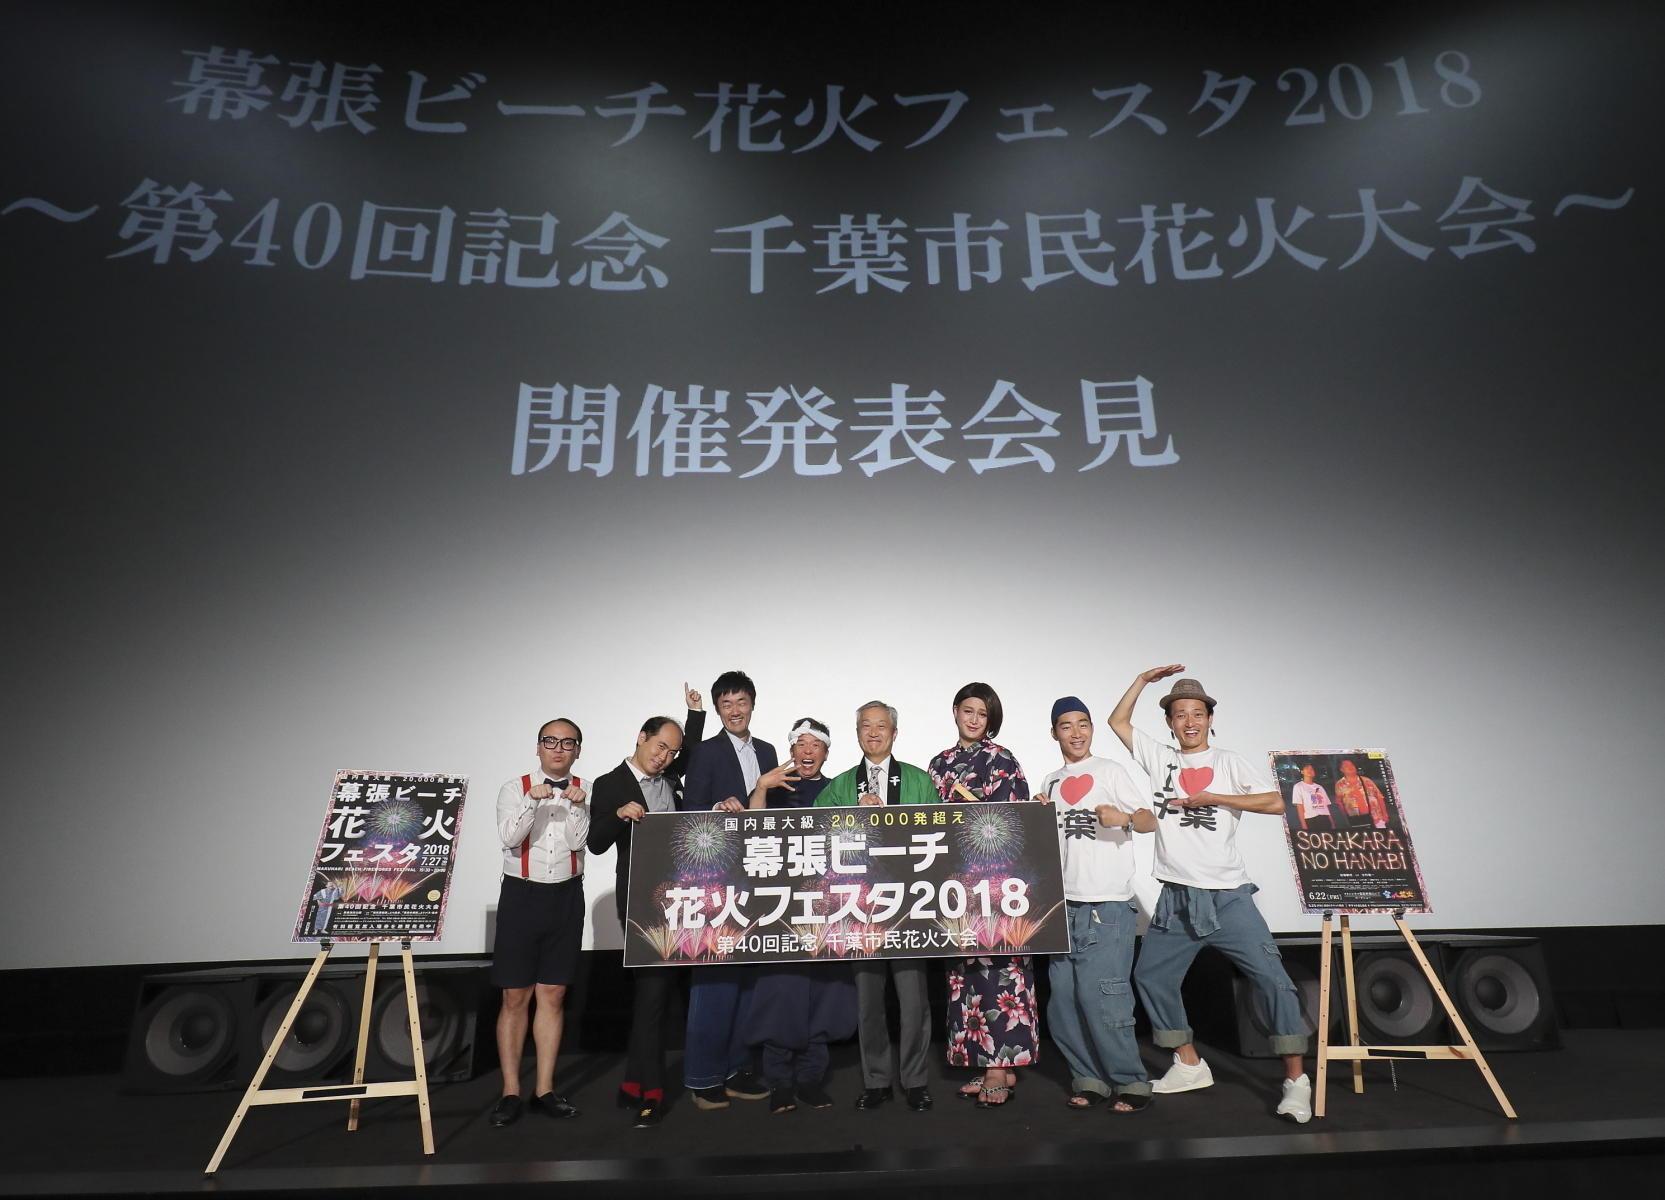 http://news.yoshimoto.co.jp/20180525163702-b53d6d9e612d8a3e4f5c680c28b9e1f22b5f4dfc.jpg